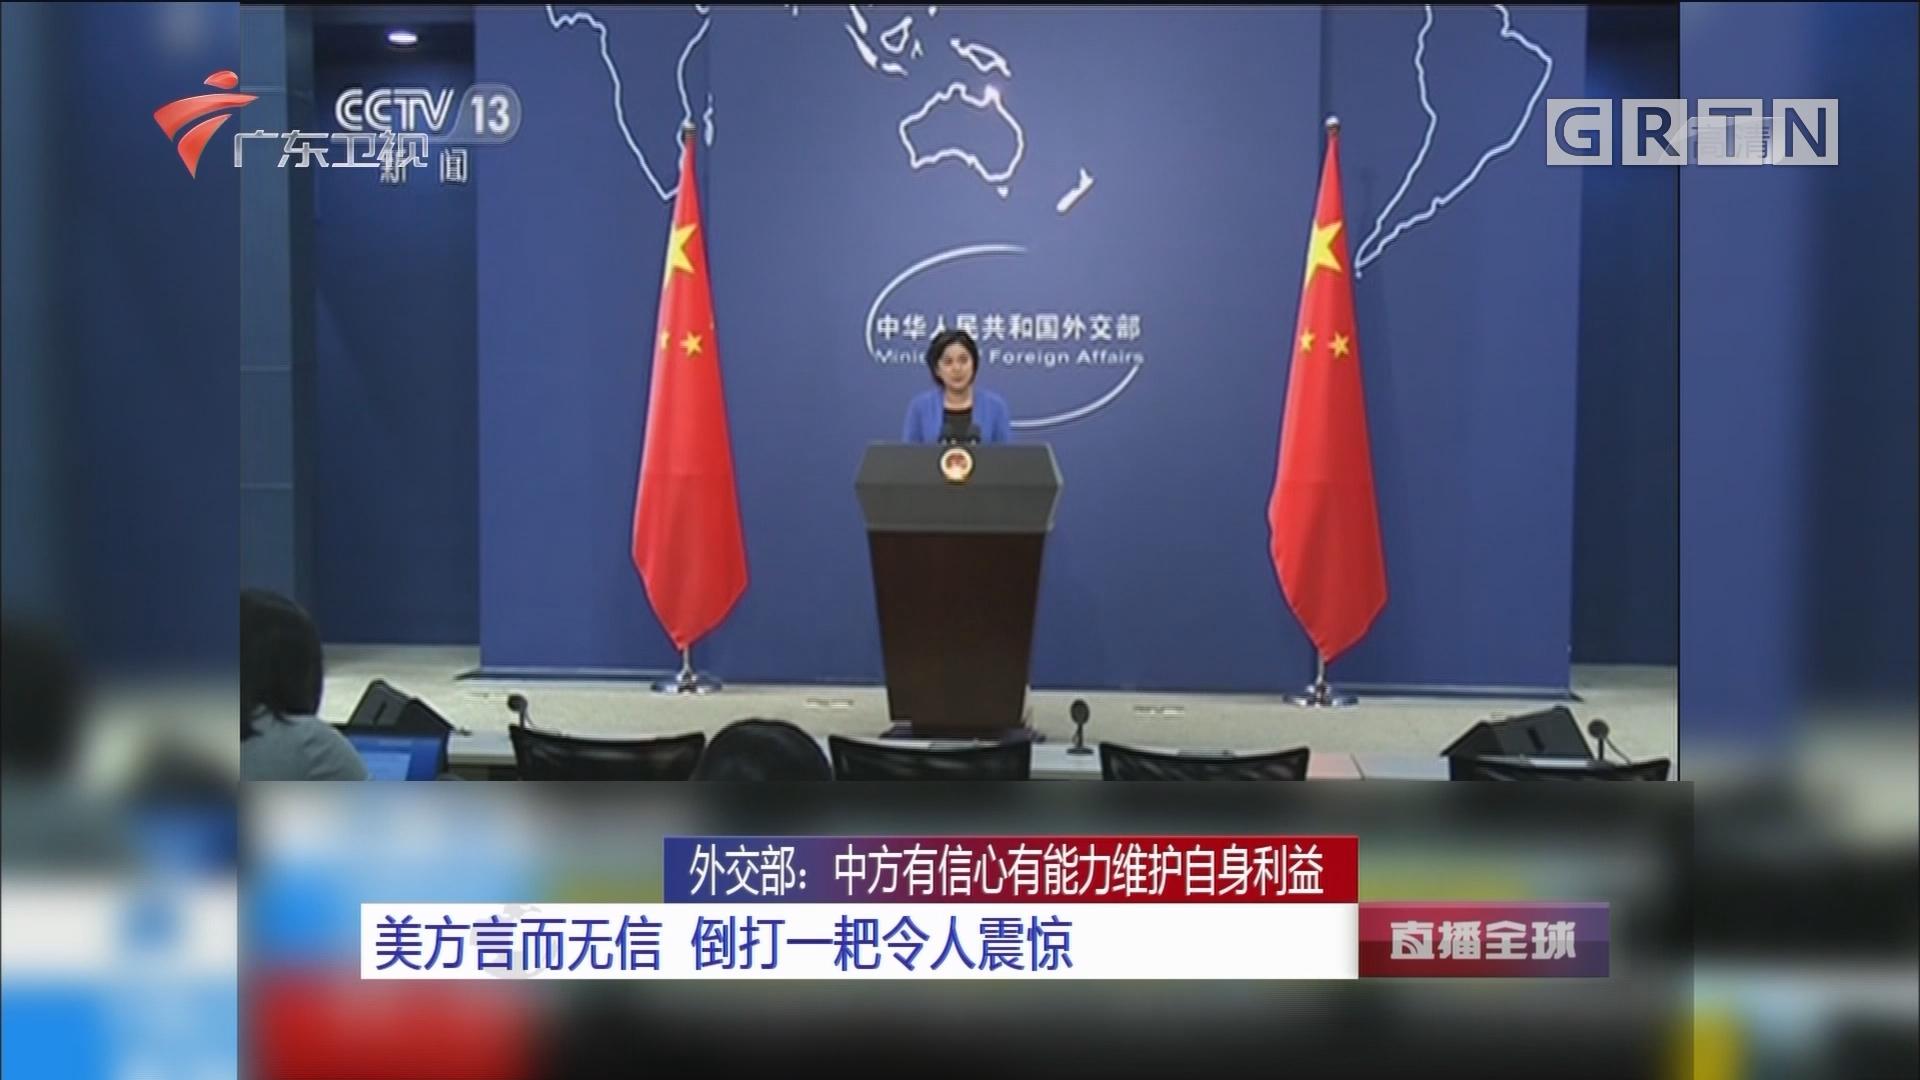 外交部:中方有信心有能力维护自身利益 美方言而无信 倒打一耙令人震惊